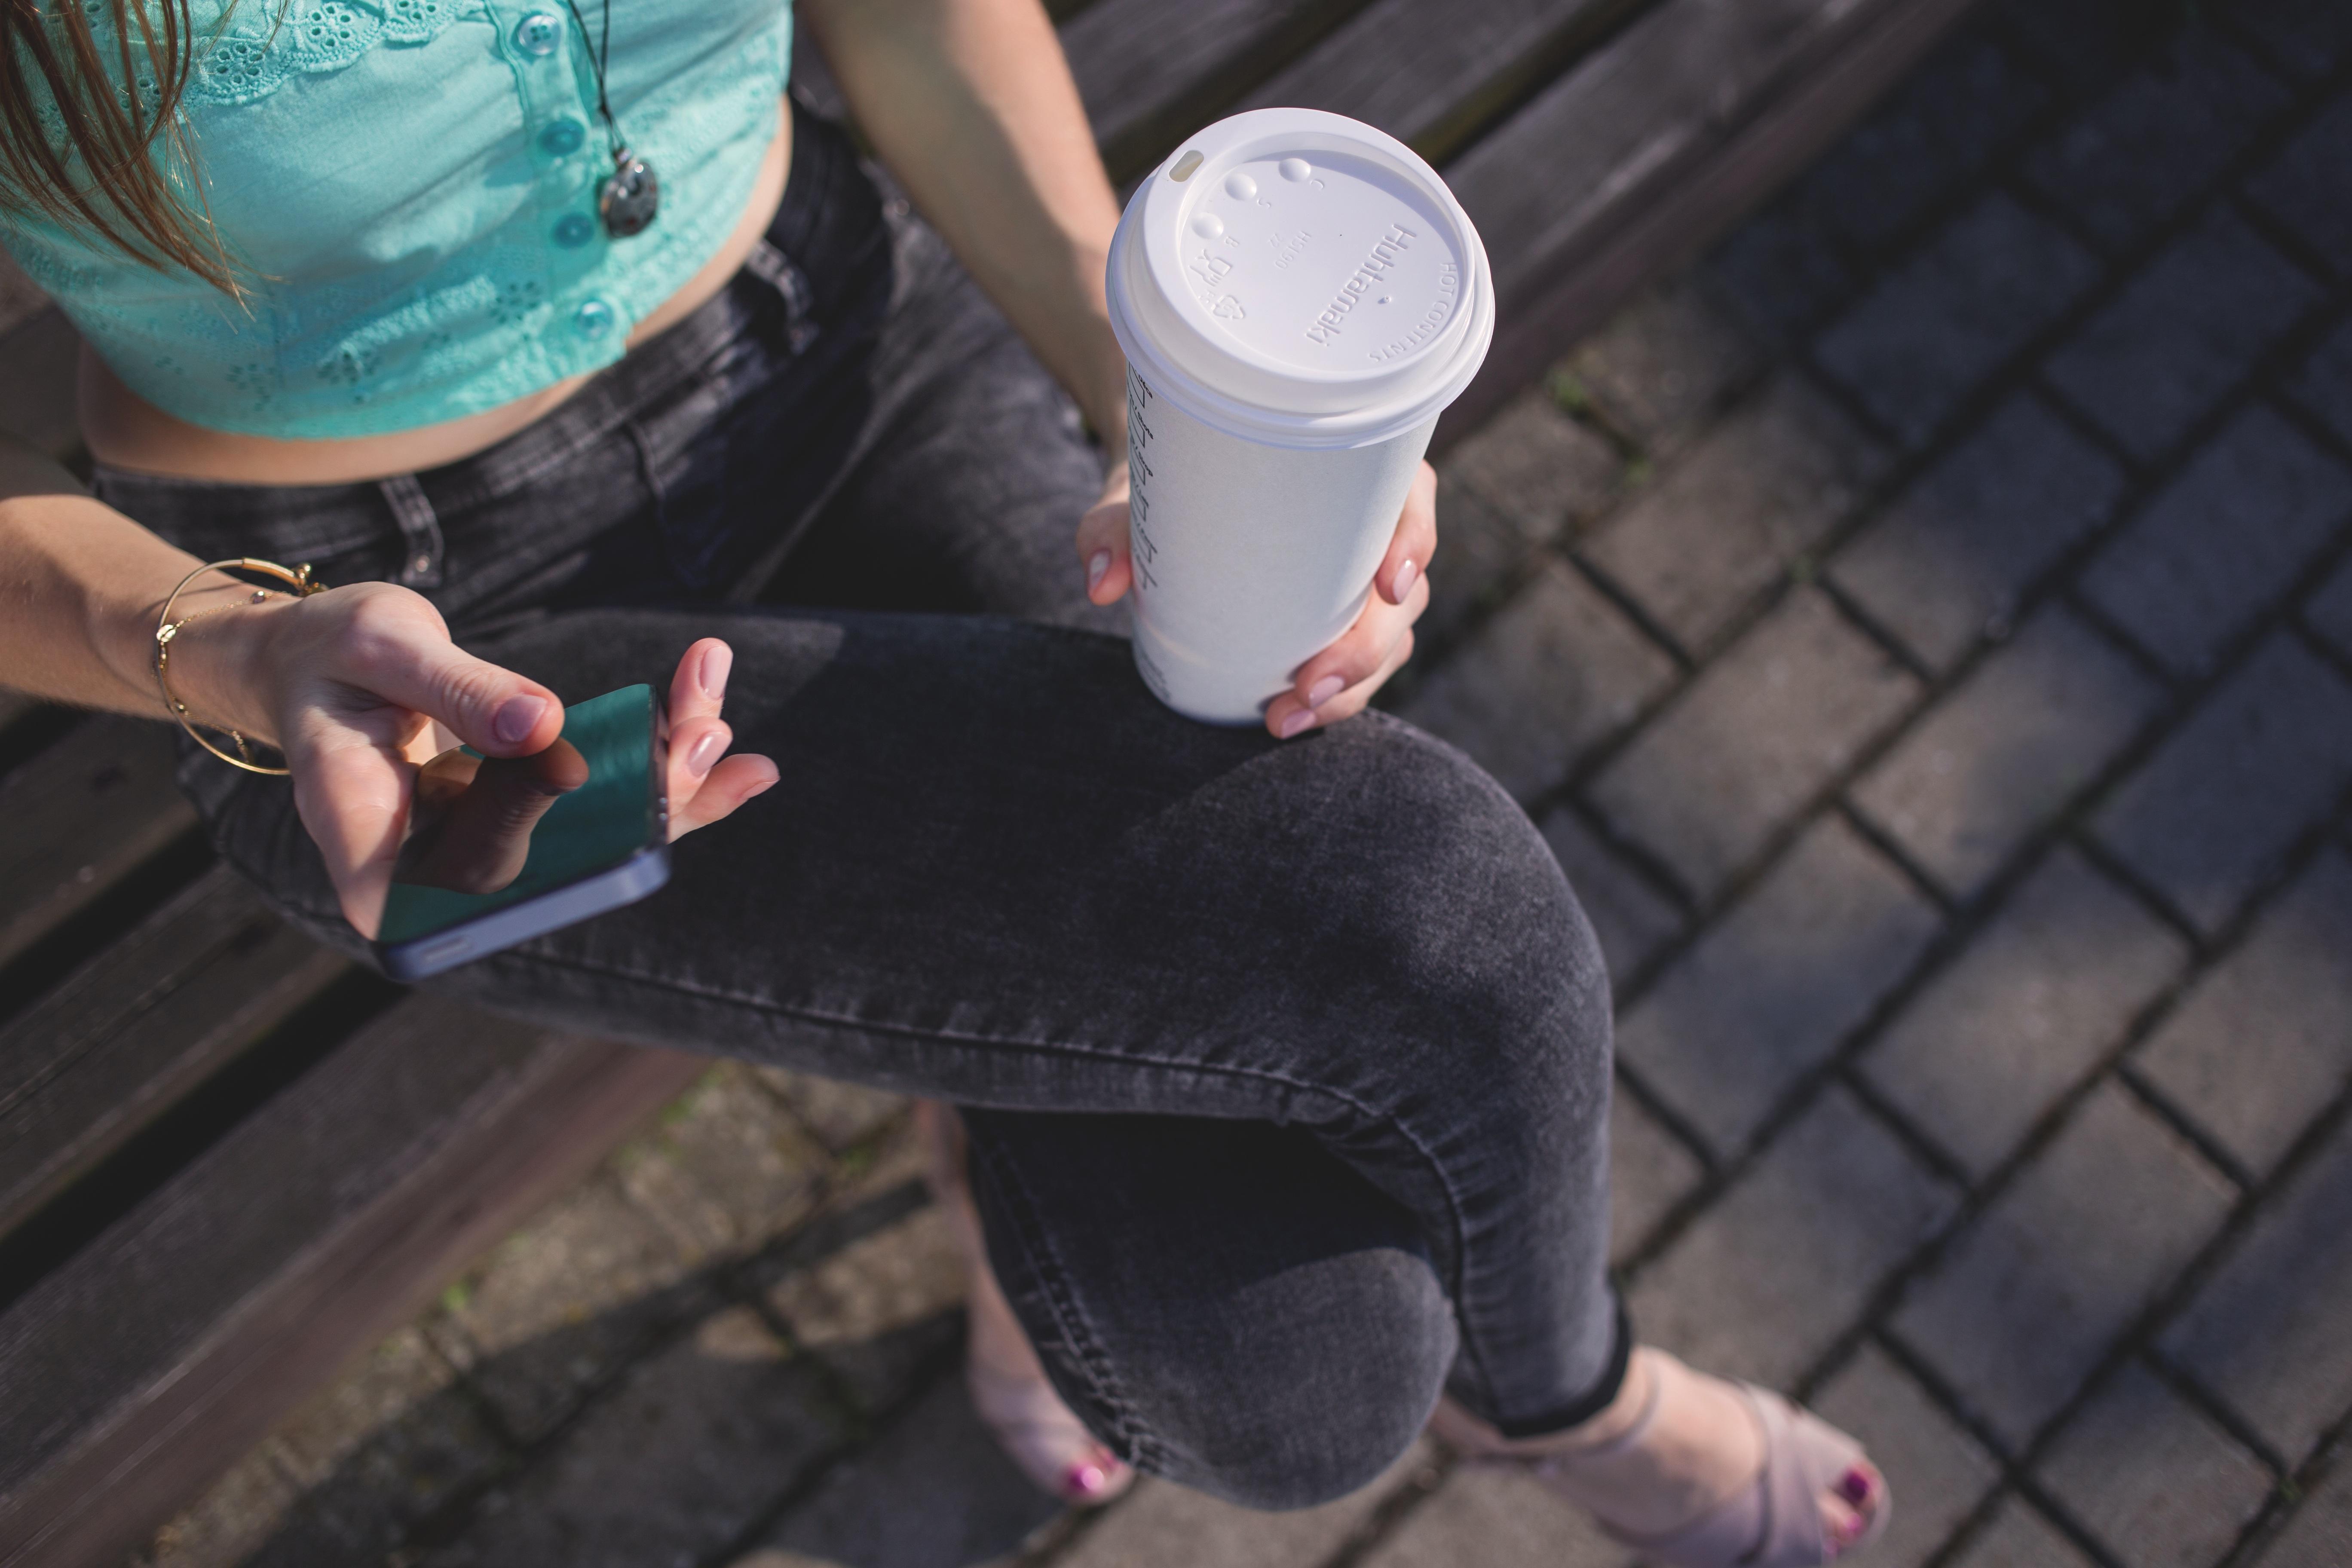 обманщиц фото кофе на улице в руке прощённое